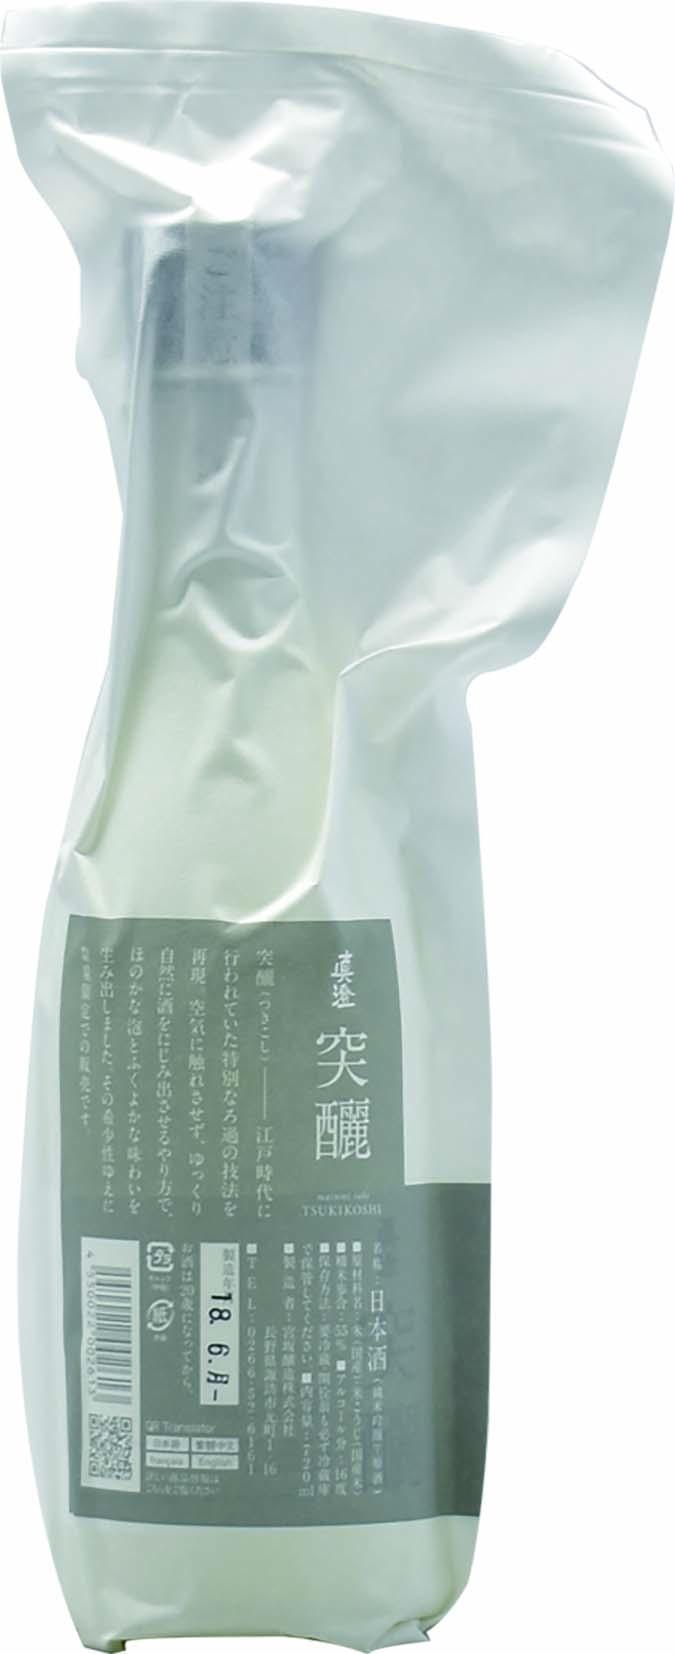 真澄 突釃(つきこし) 純米吟醸生原酒